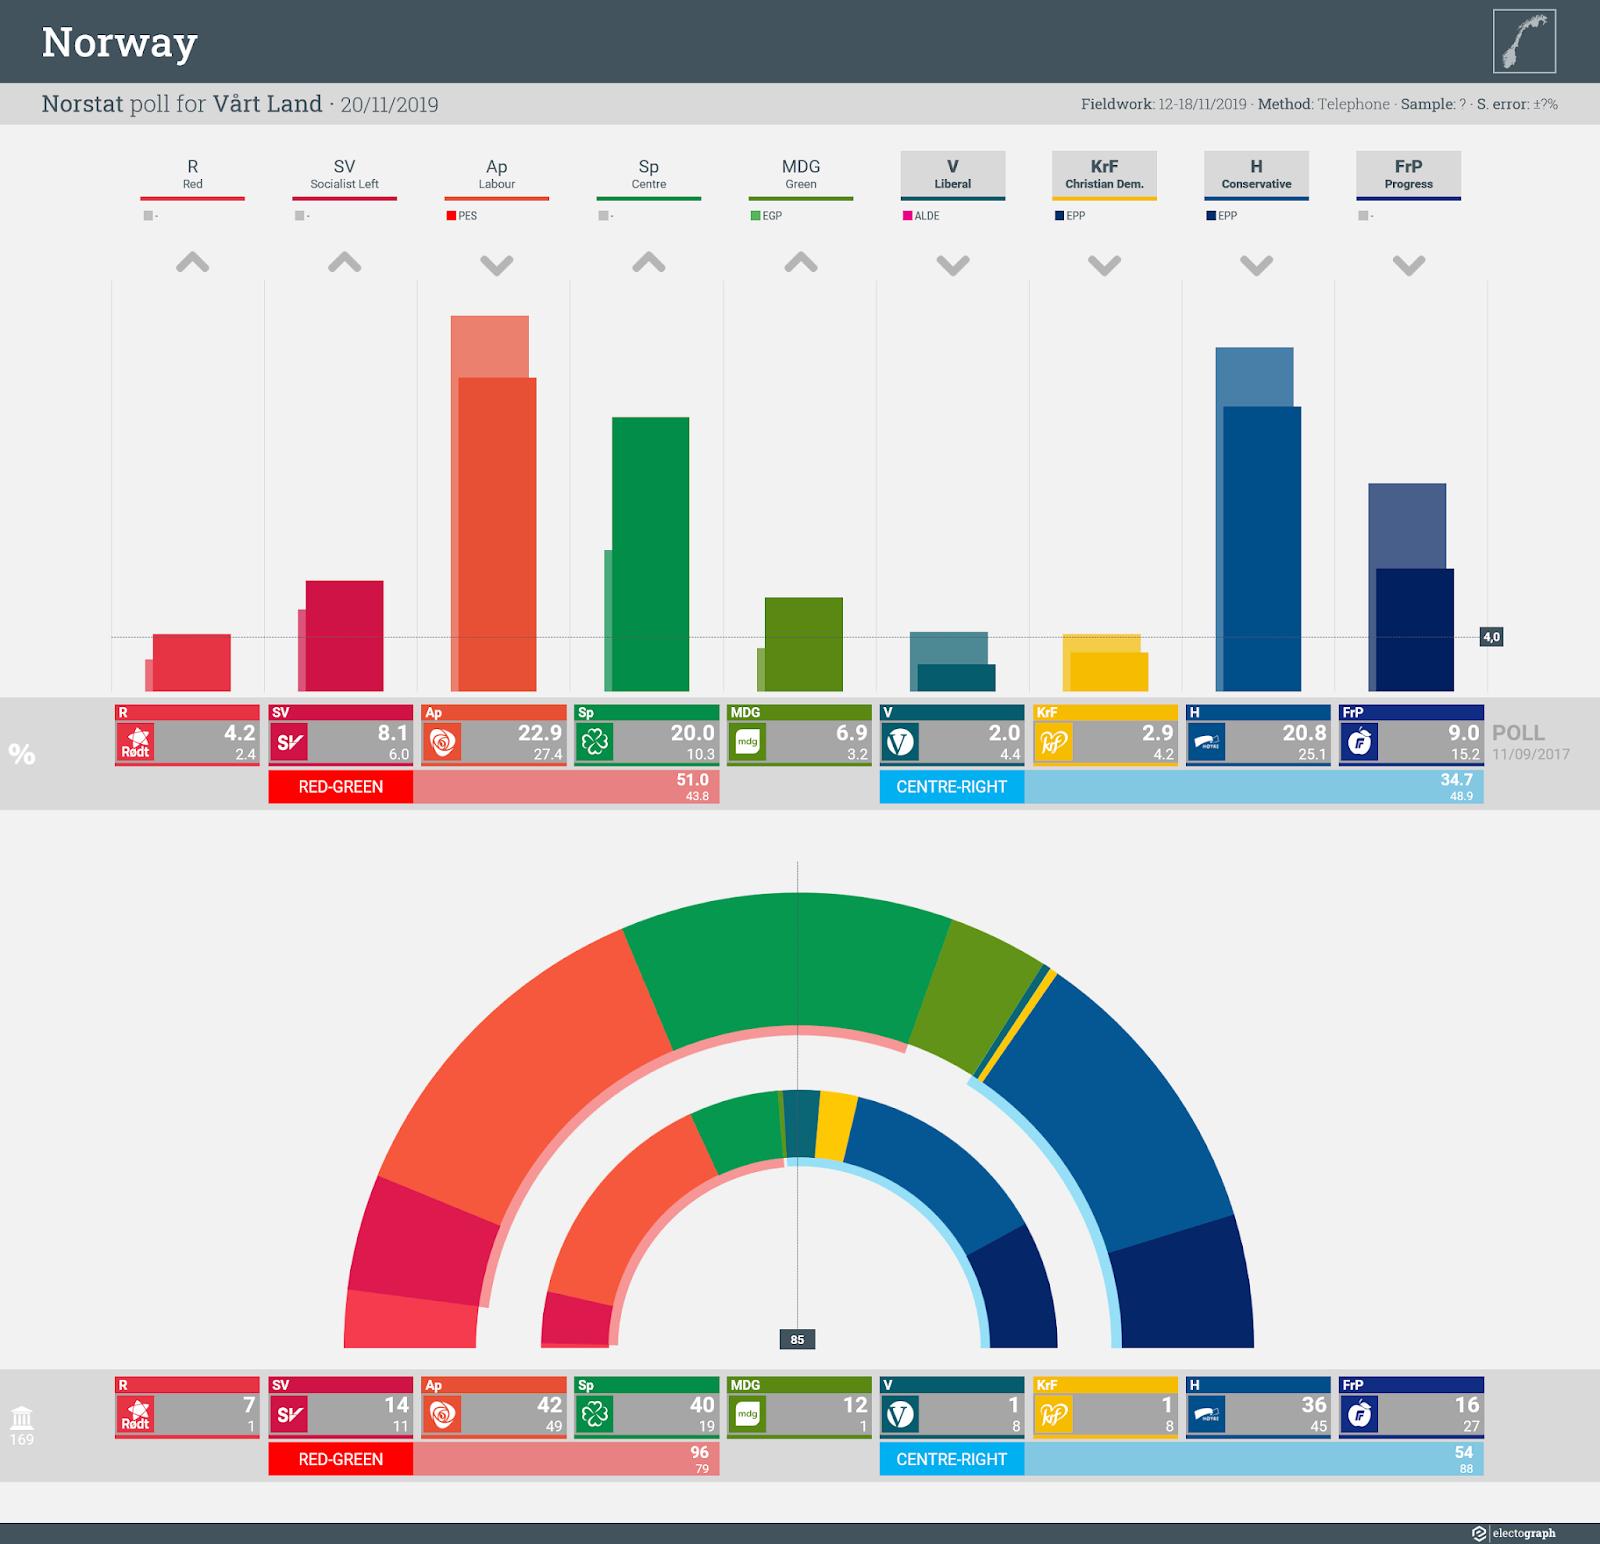 NORWAY: Norstat poll chart for Vårt Land, 20 November 2019